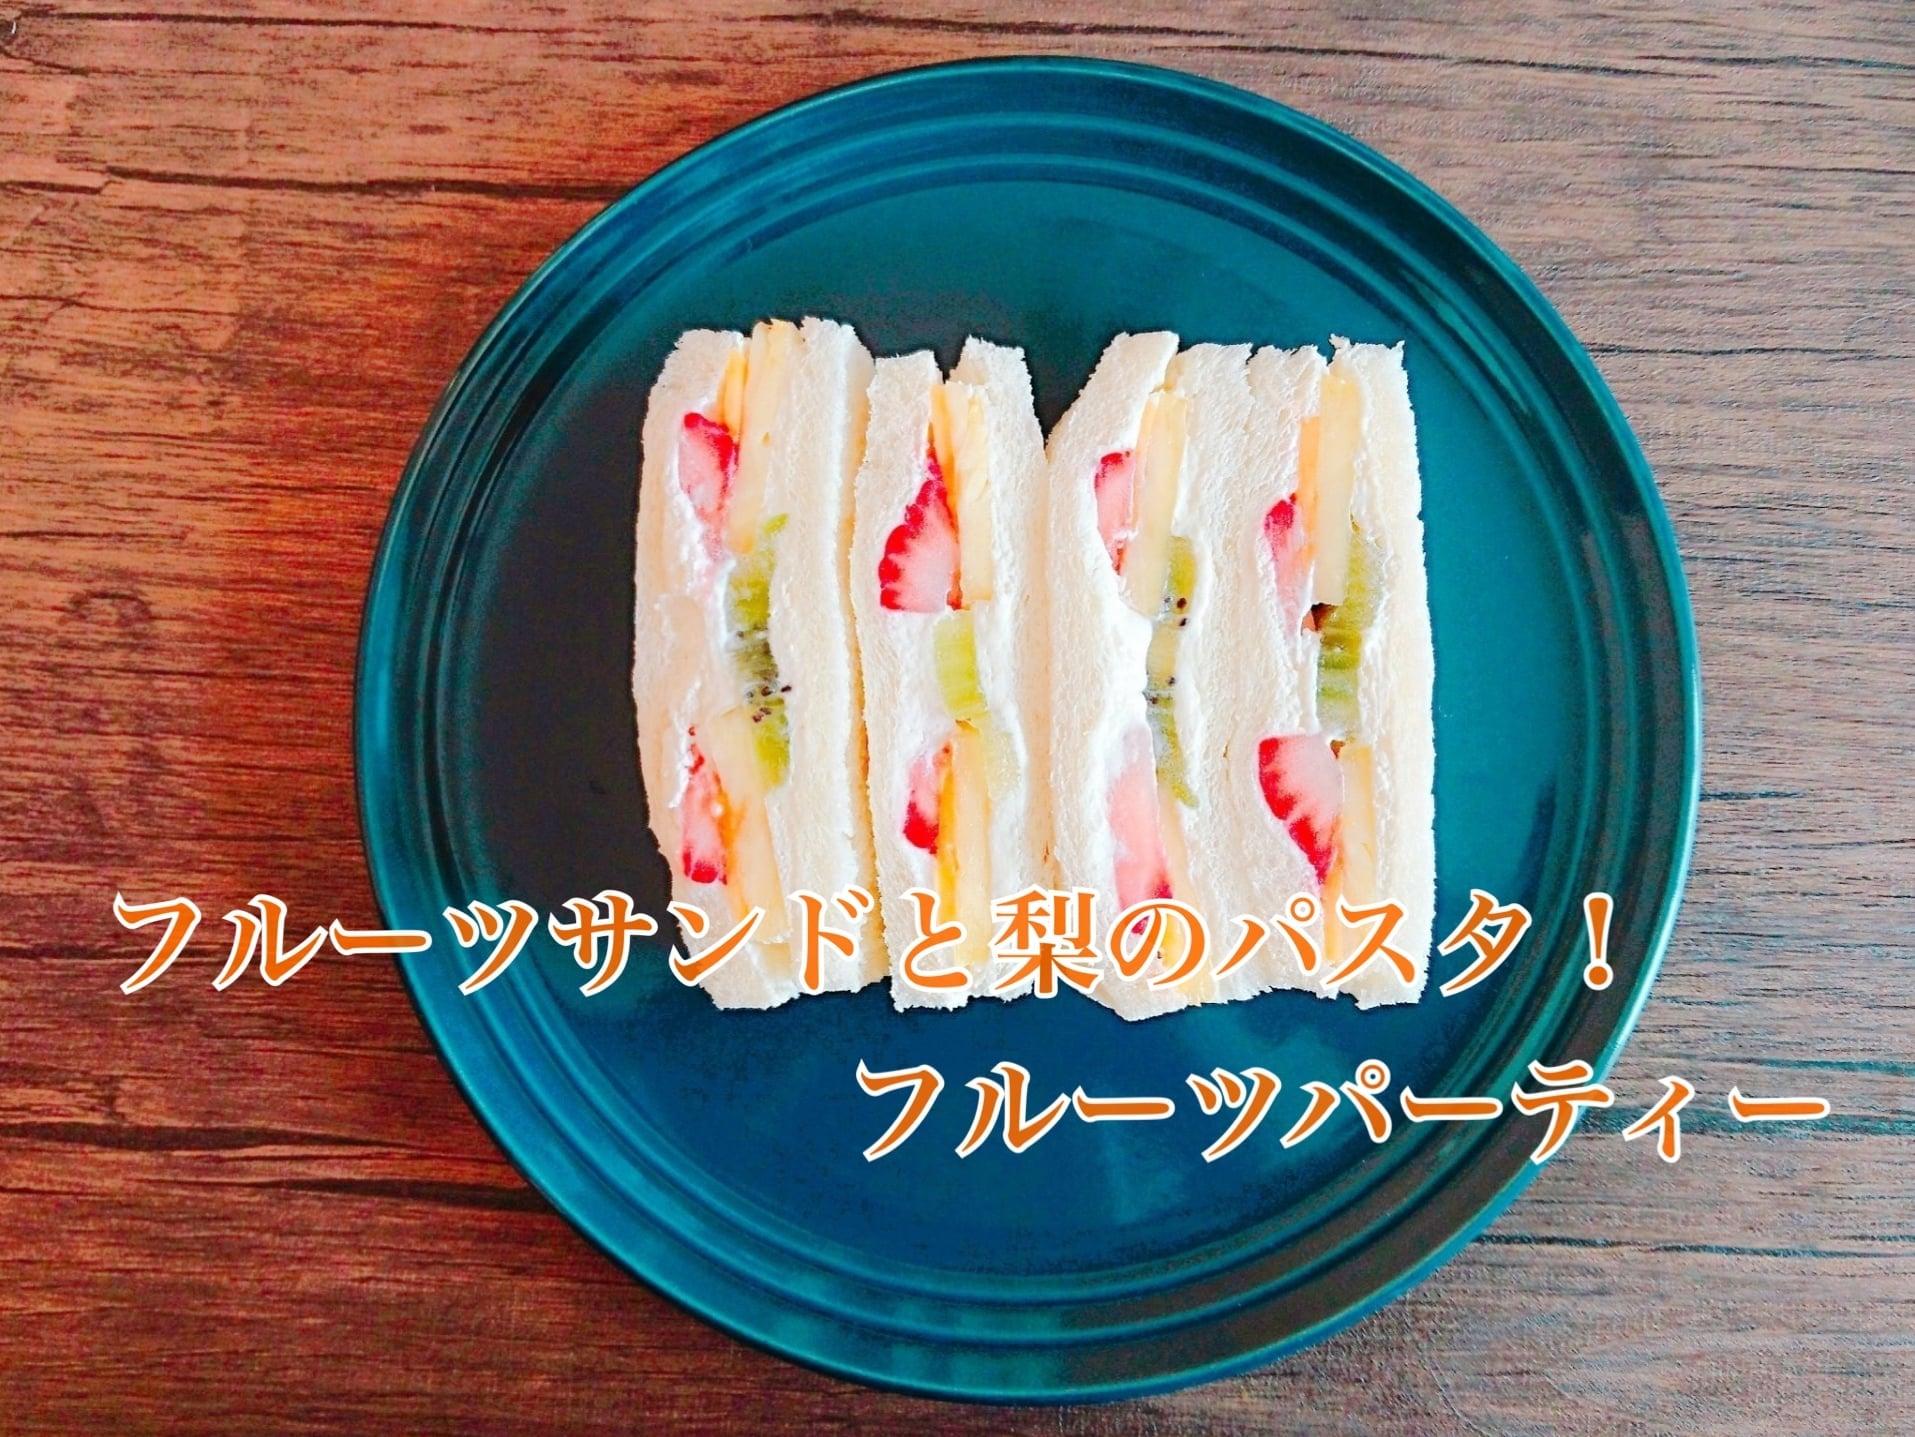 季菓貴 kikakiイベント参加チケット4500円のイメージその1